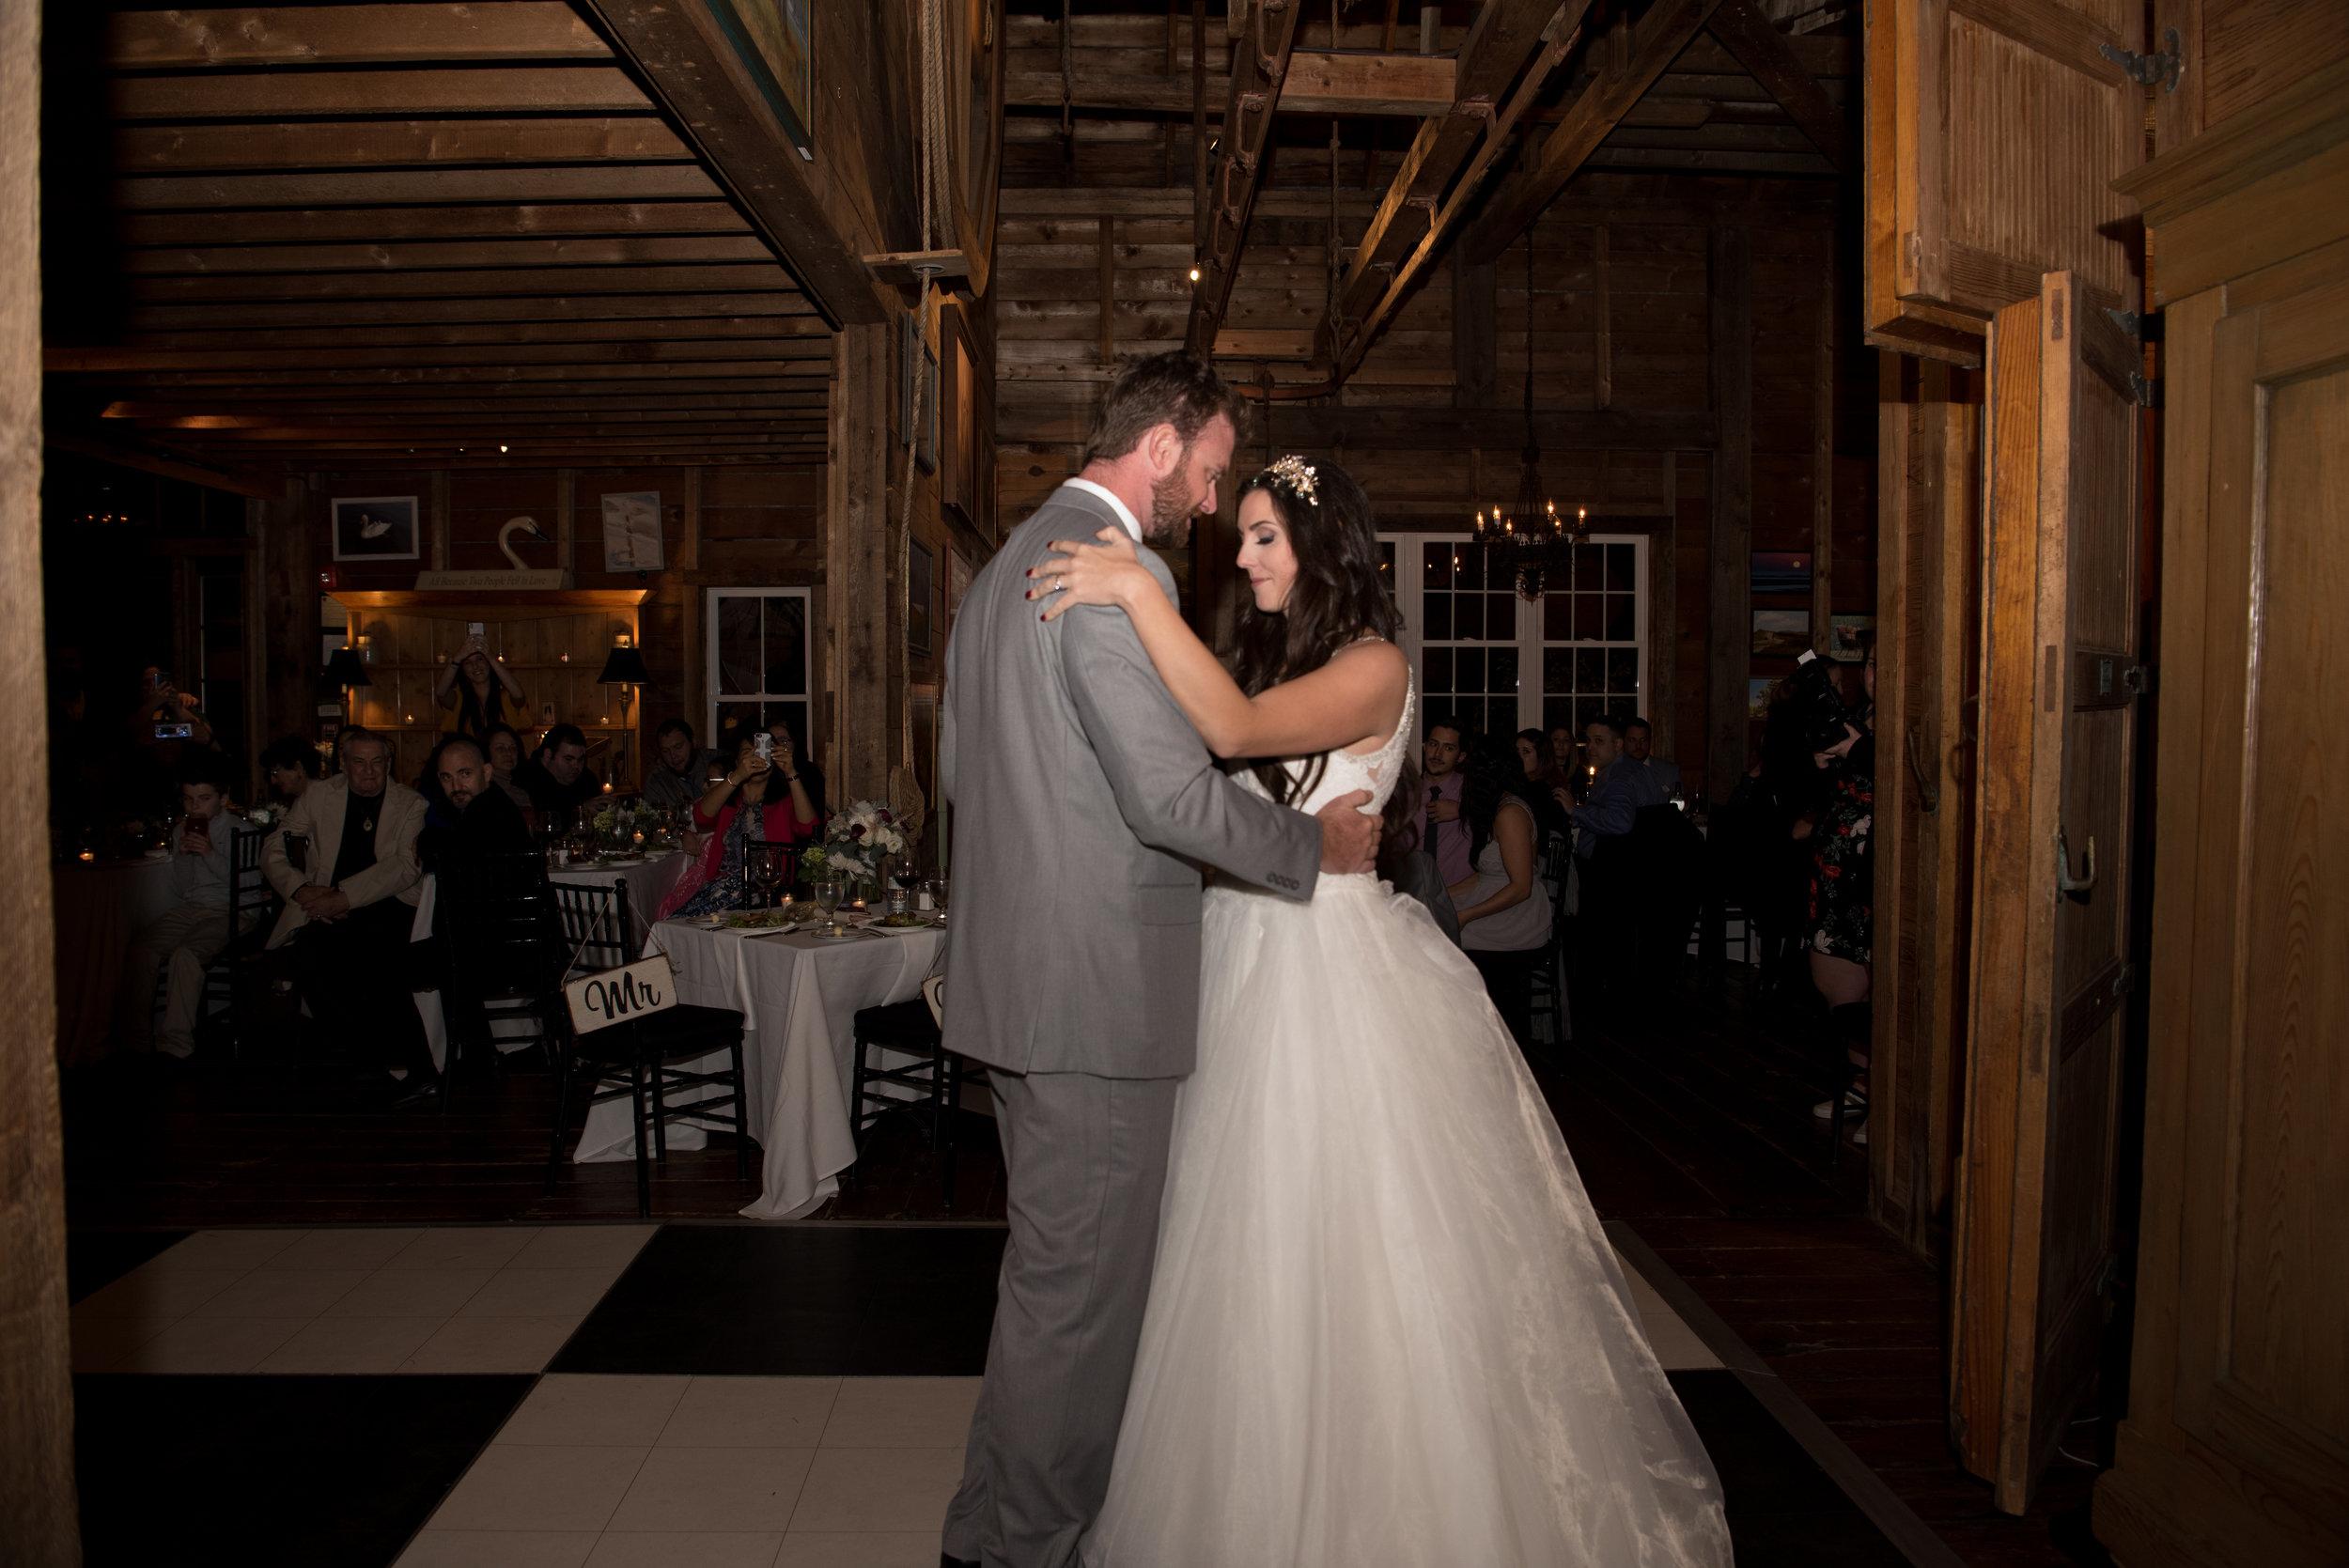 Cape Cod Wedding Reception